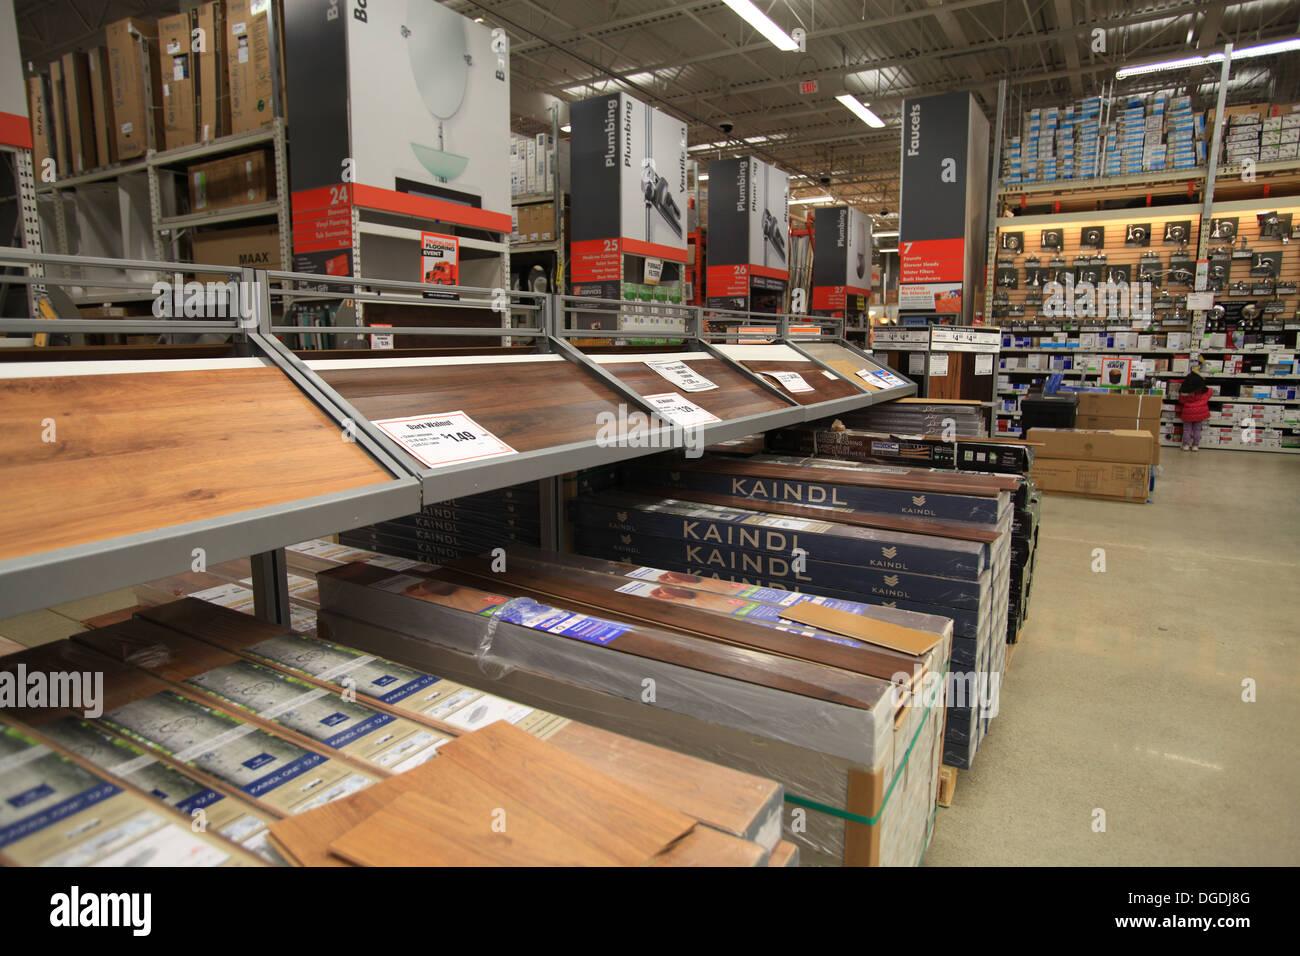 Lieblich Hartholz  Und Laminatböden Muster Auf Dem Display In The Home Depot,  Kitchener, Ontario, Kanada